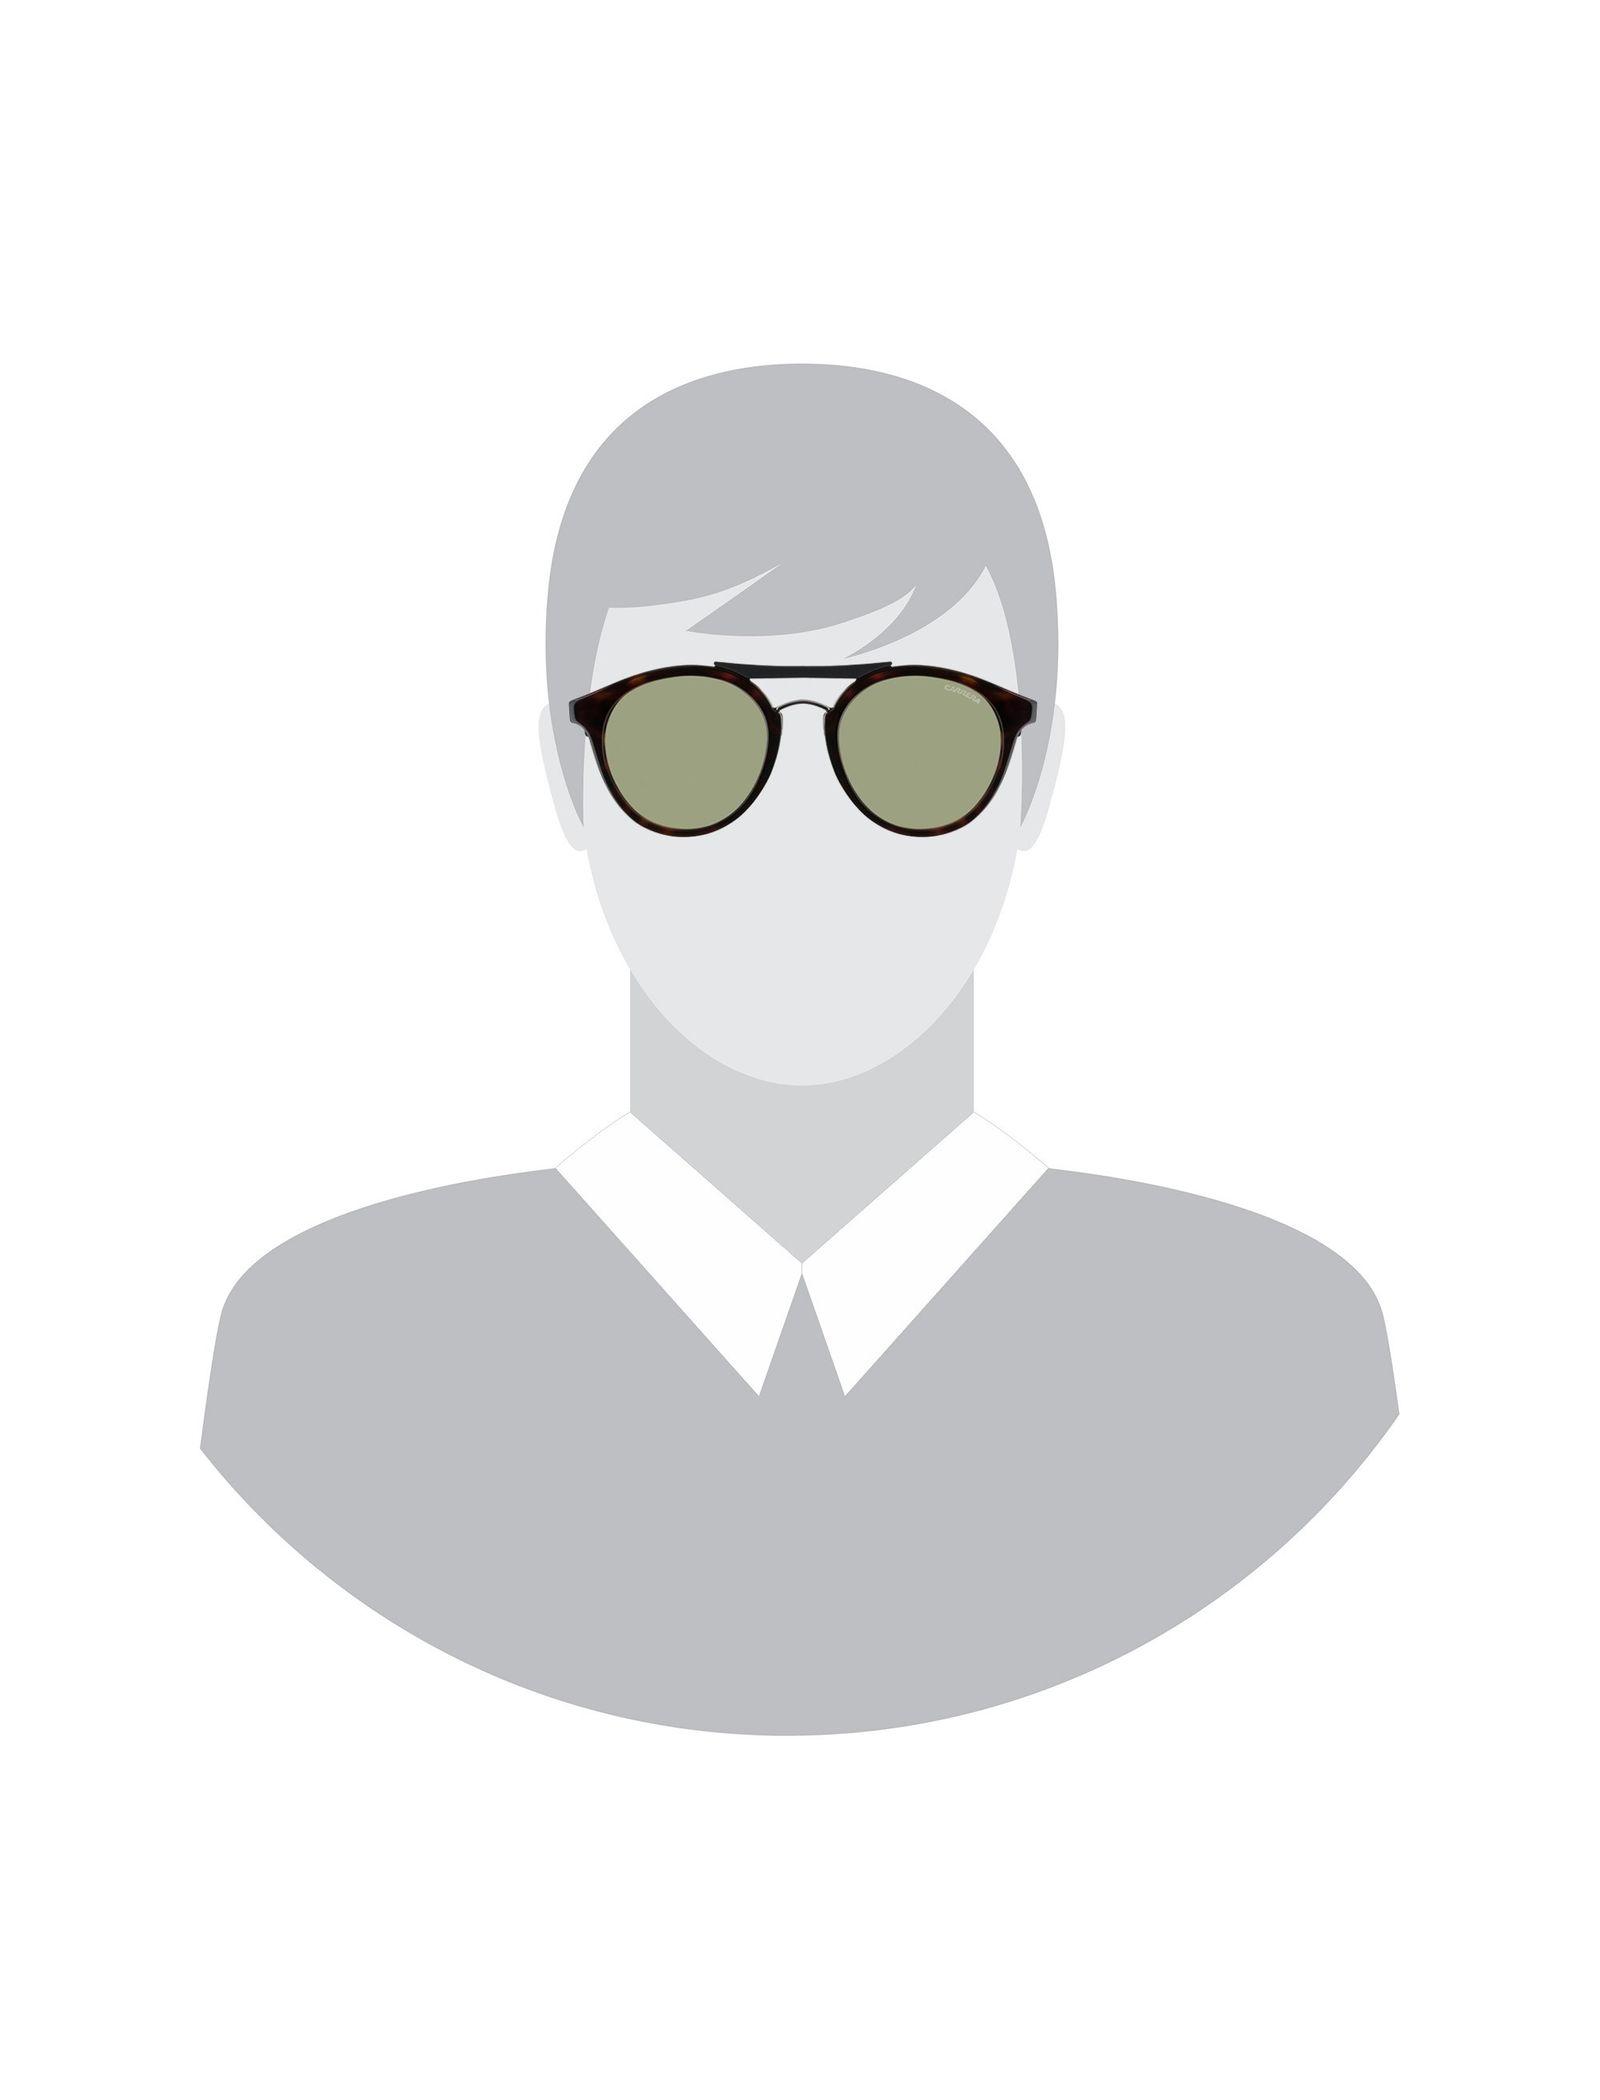 عینک آفتابی پنتوس بزرگسال - کاررا - قهوه اي لاک پشتي - 5